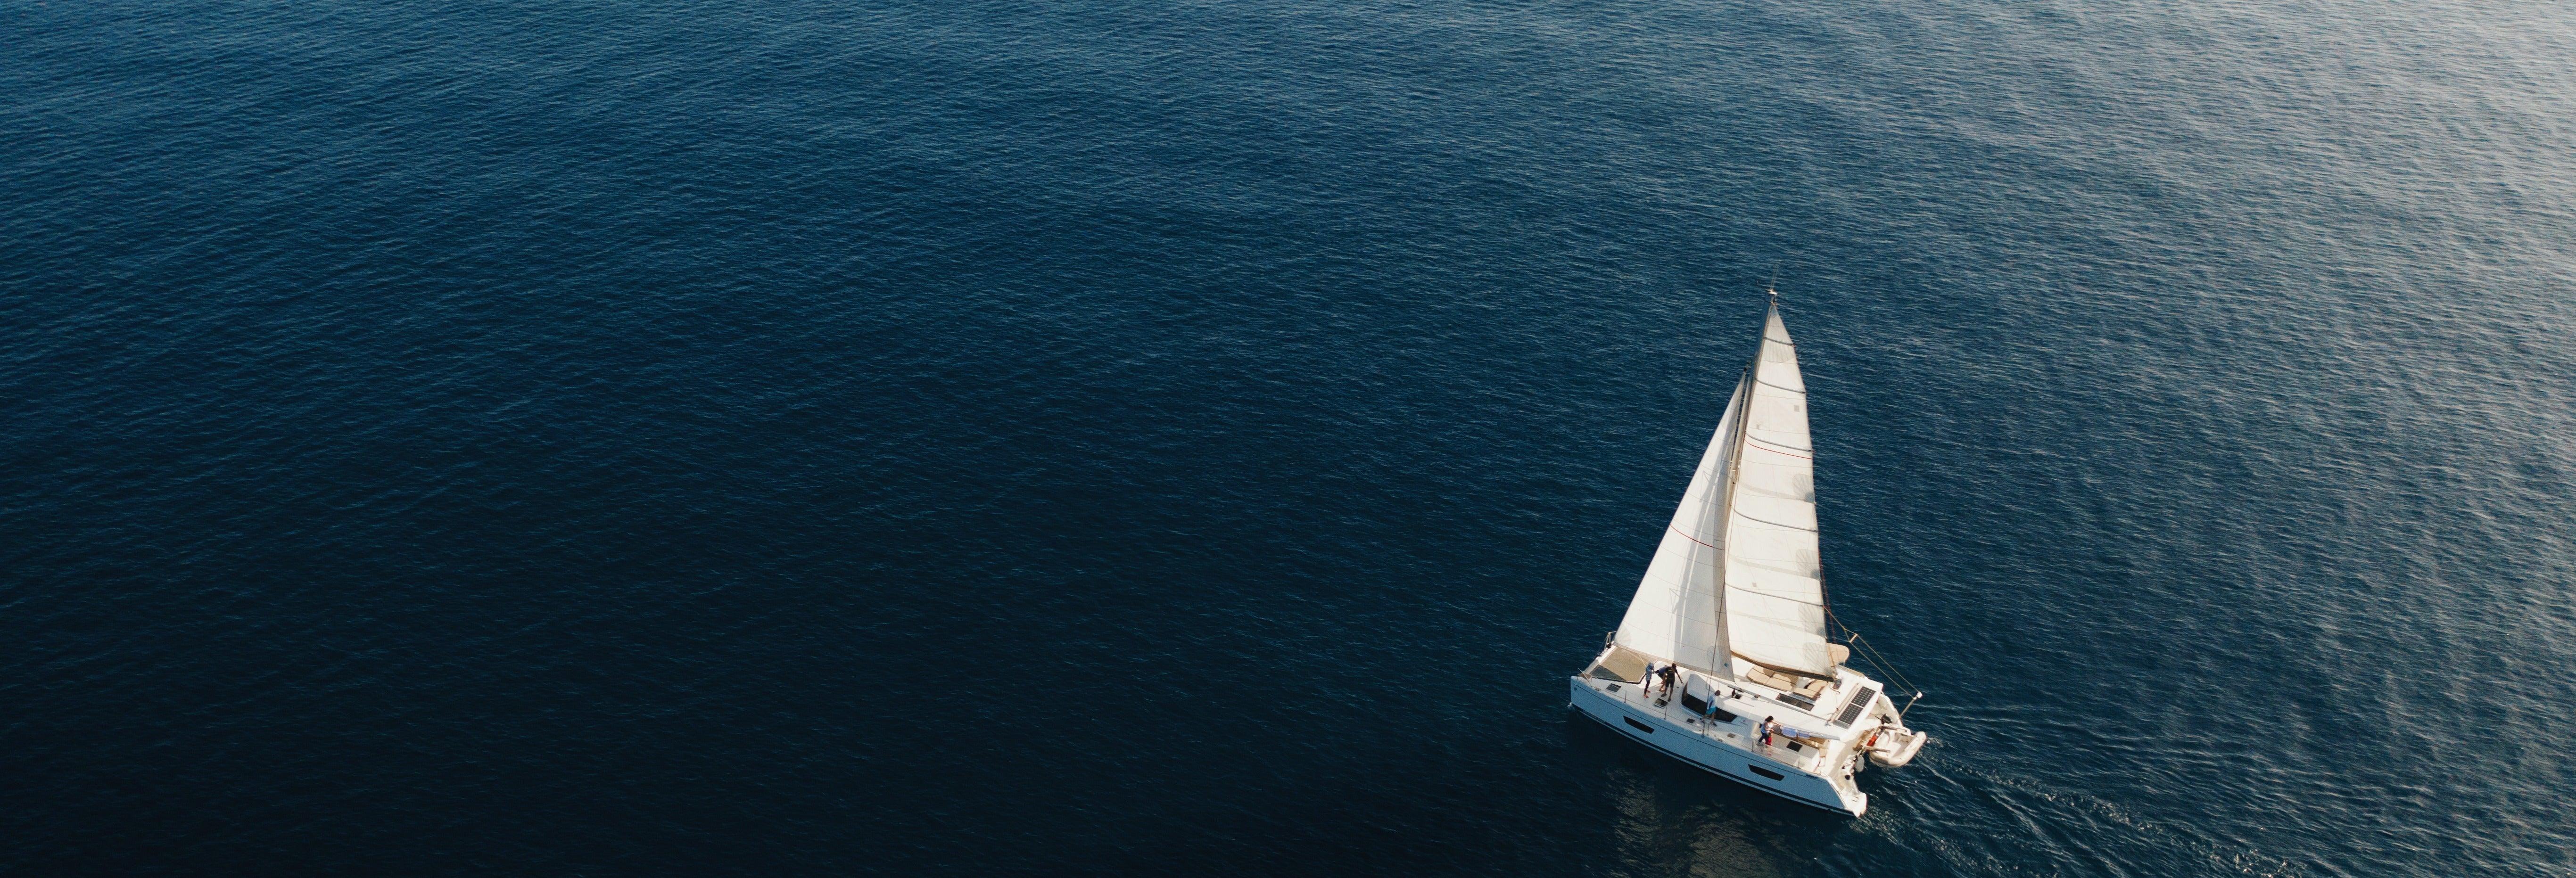 Malaga Bay Cruise